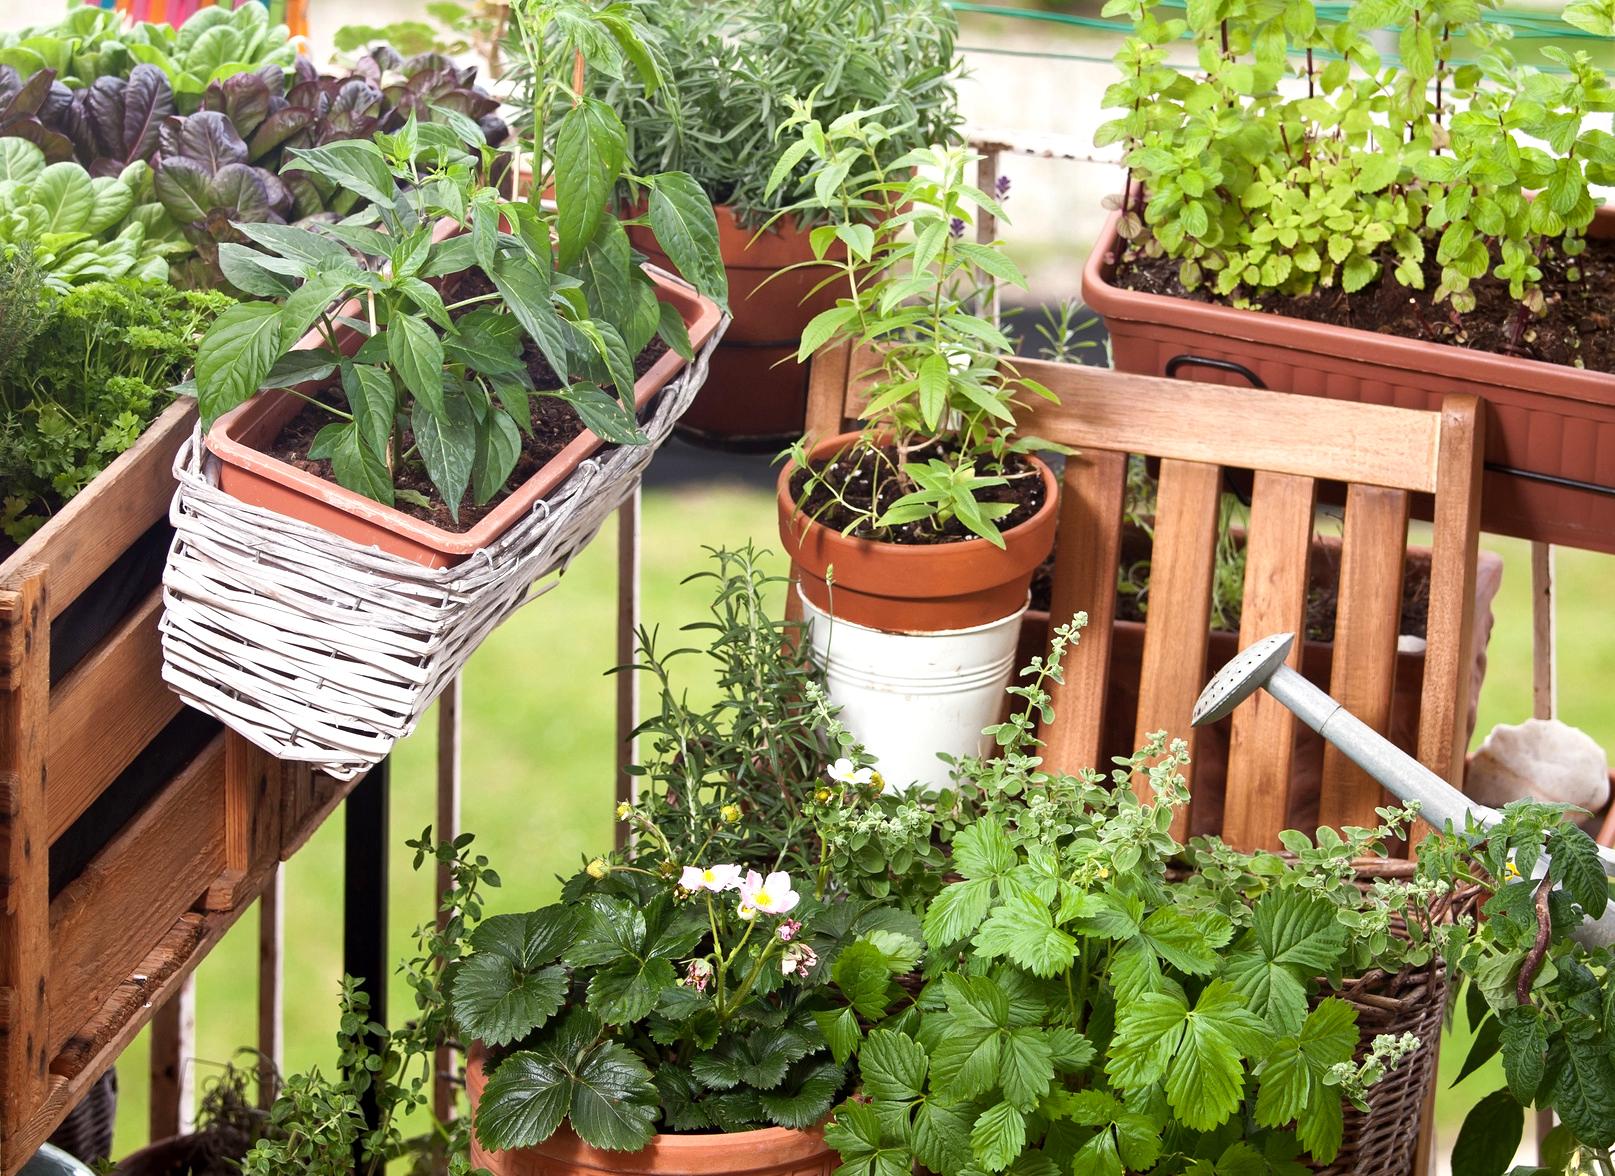 Quels Légumes Faire Pousser Sur Son Balcon ? La Ferme De ... à Faire Un Jardin Sur Son Balcon